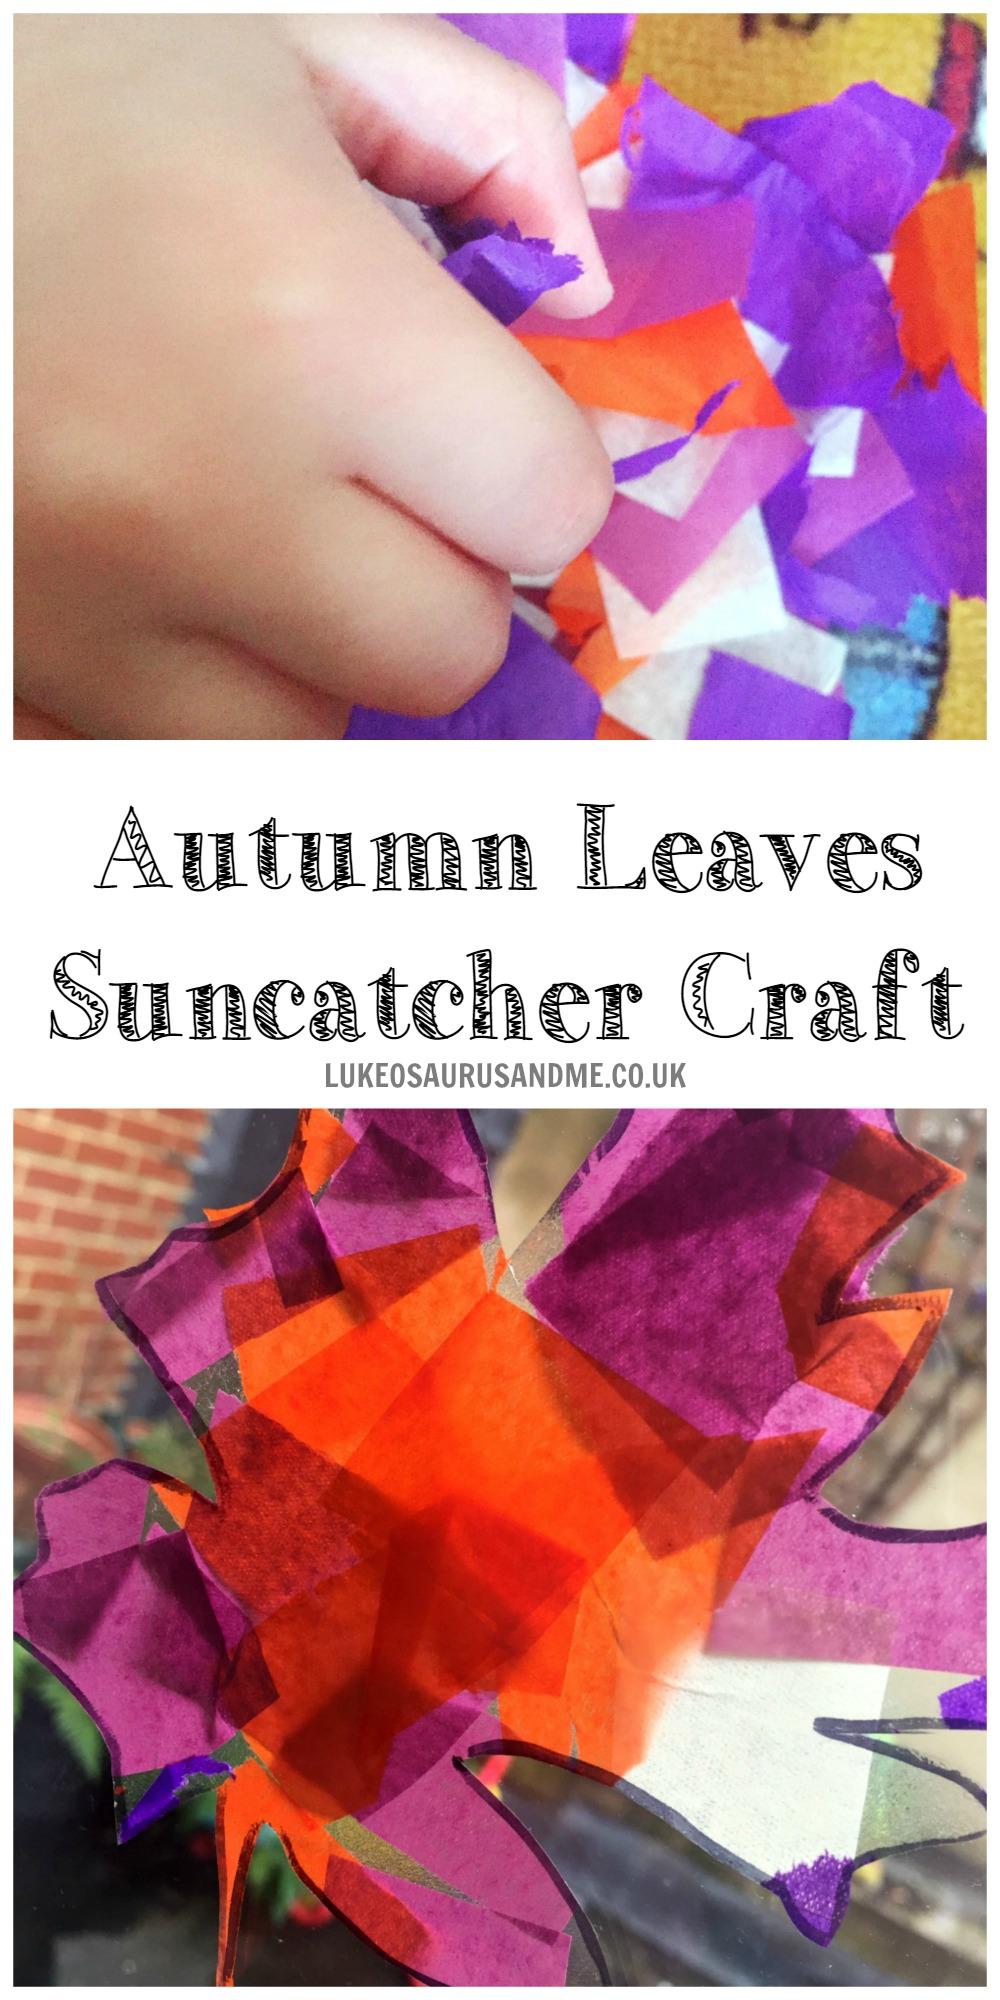 Autumn Leaves Suncatcher Craft at https://lukeosaurusandme.co.uk